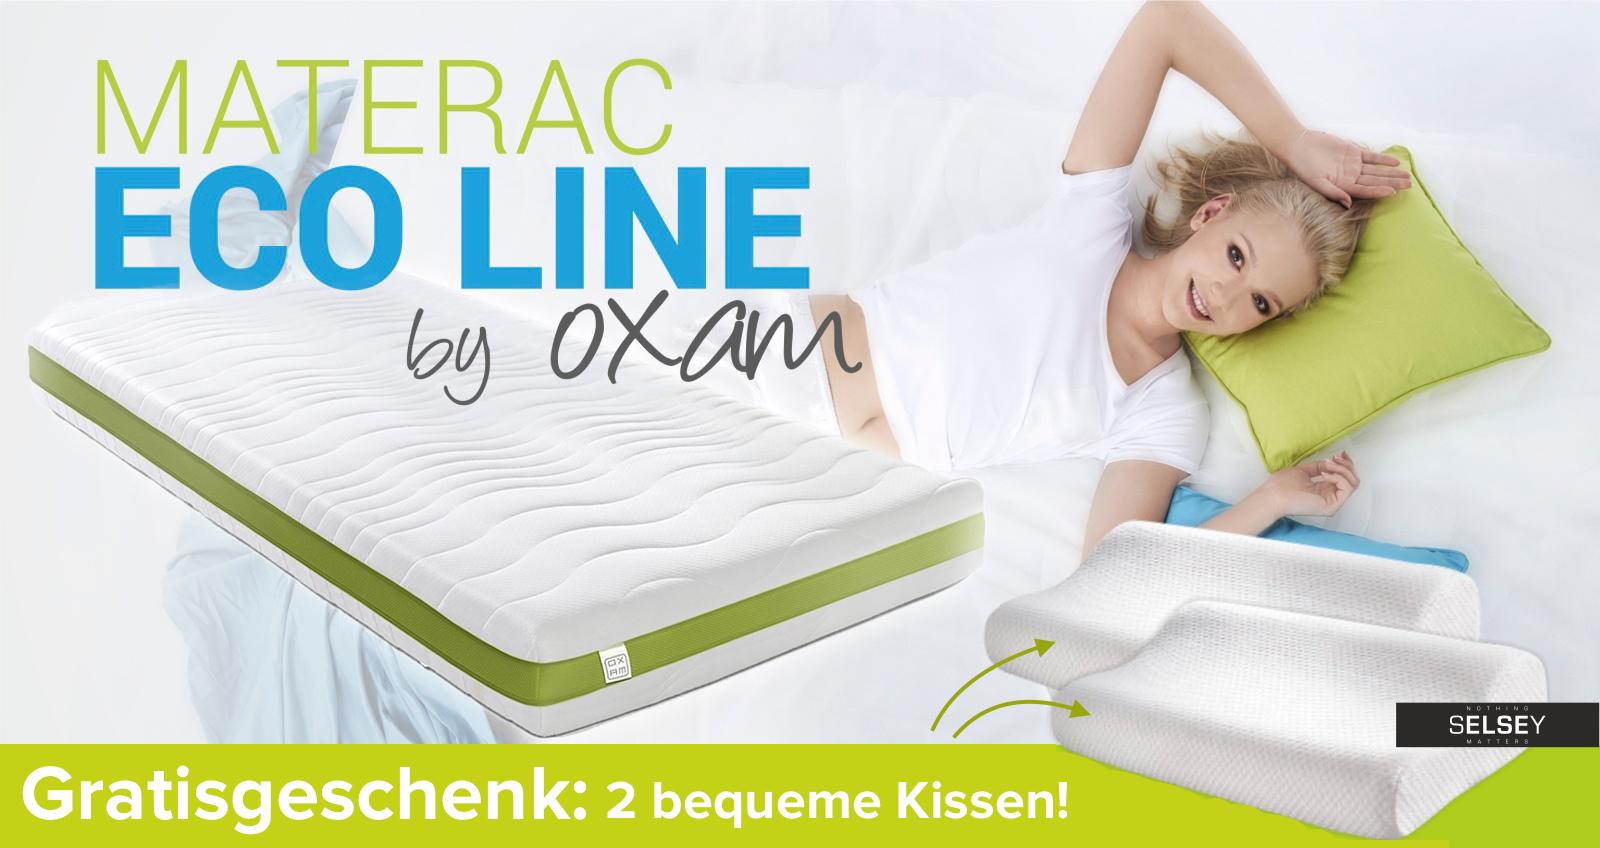 taschenfederkernmatratze eco line 2 kissen und. Black Bedroom Furniture Sets. Home Design Ideas